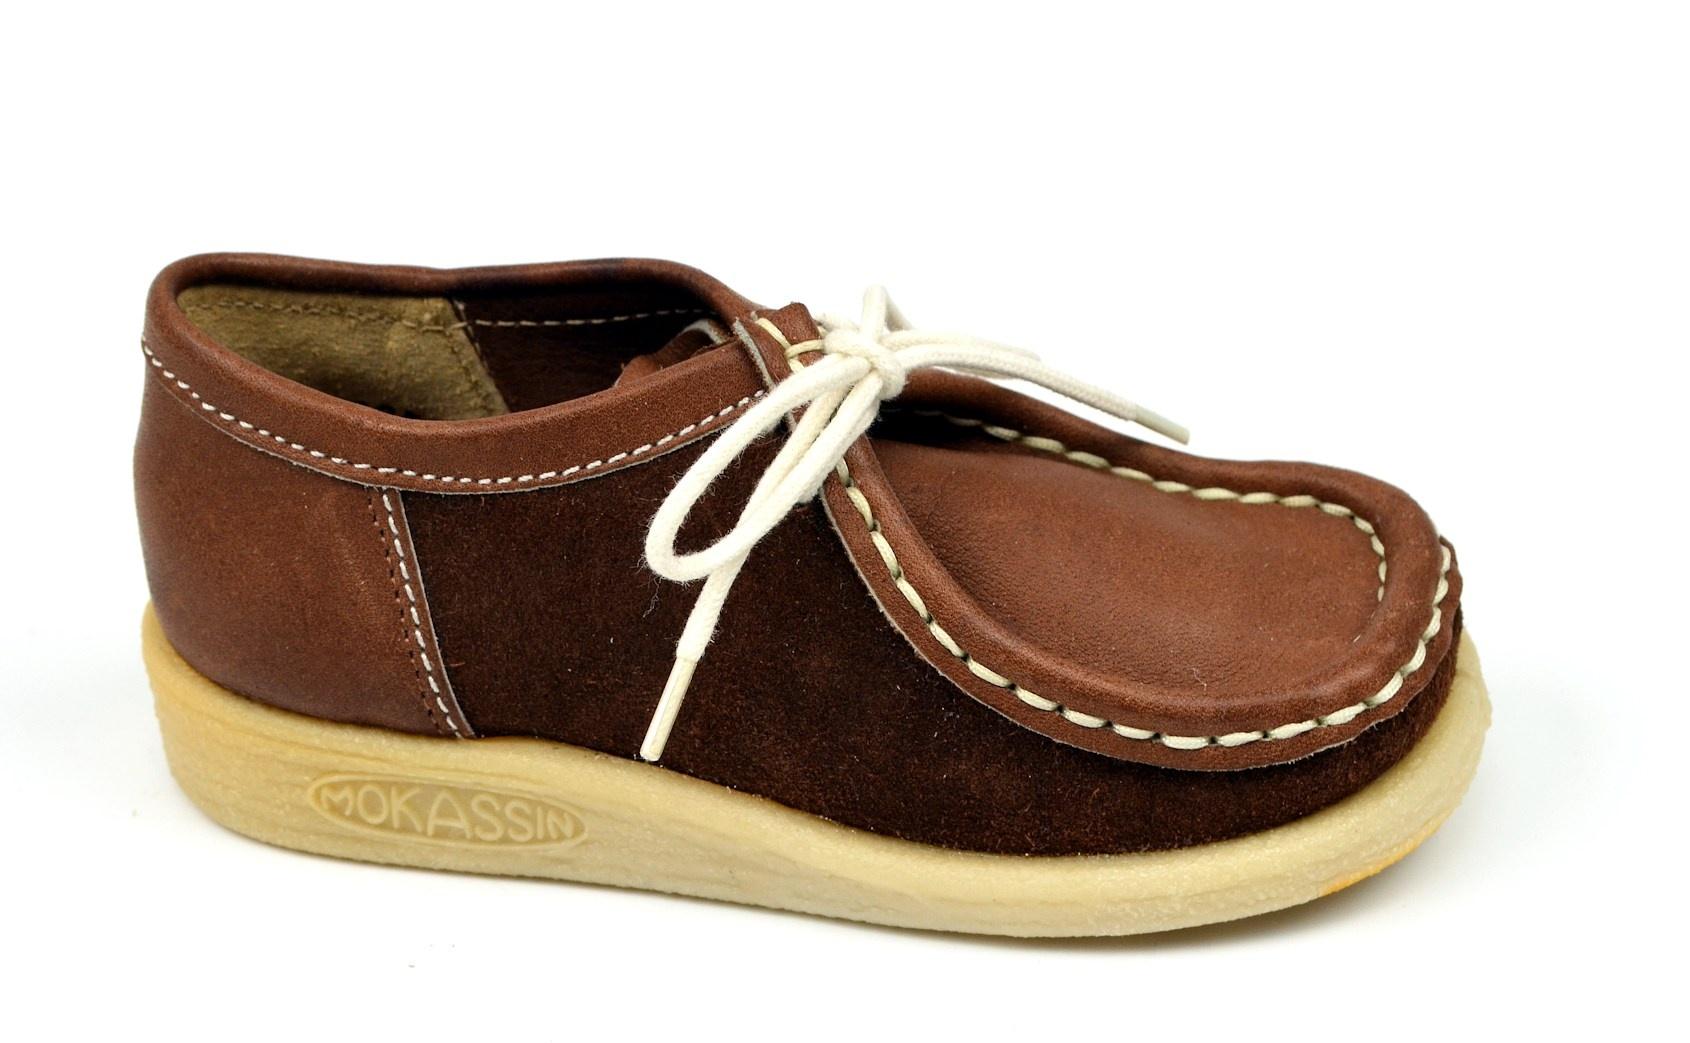 modische Muster attraktiver Stil schöne Schuhe Kleinkinder-Mokassin, 2. Halbjahr 1985, rechts :: Museum ...